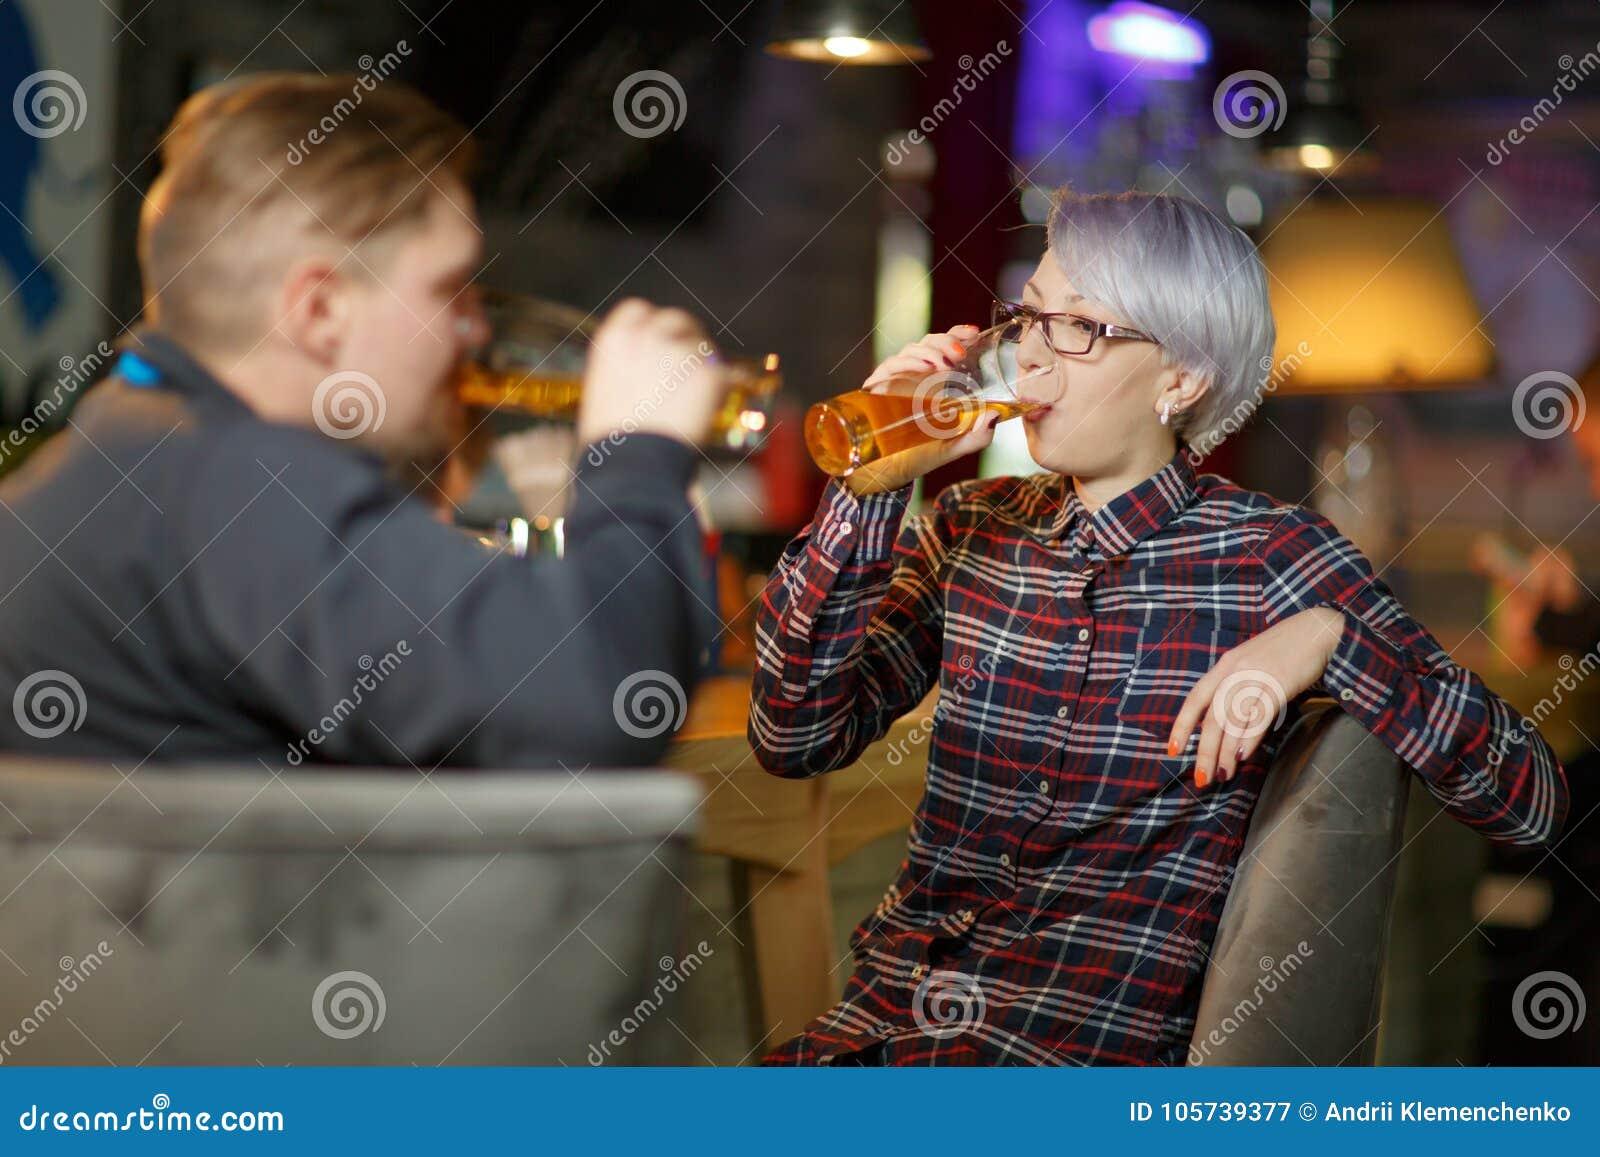 Ένα ζευγάρι πίνει την μπύρα σε έναν φραγμό Στο εσωτερικό σε έναν δημόσιο χώρο